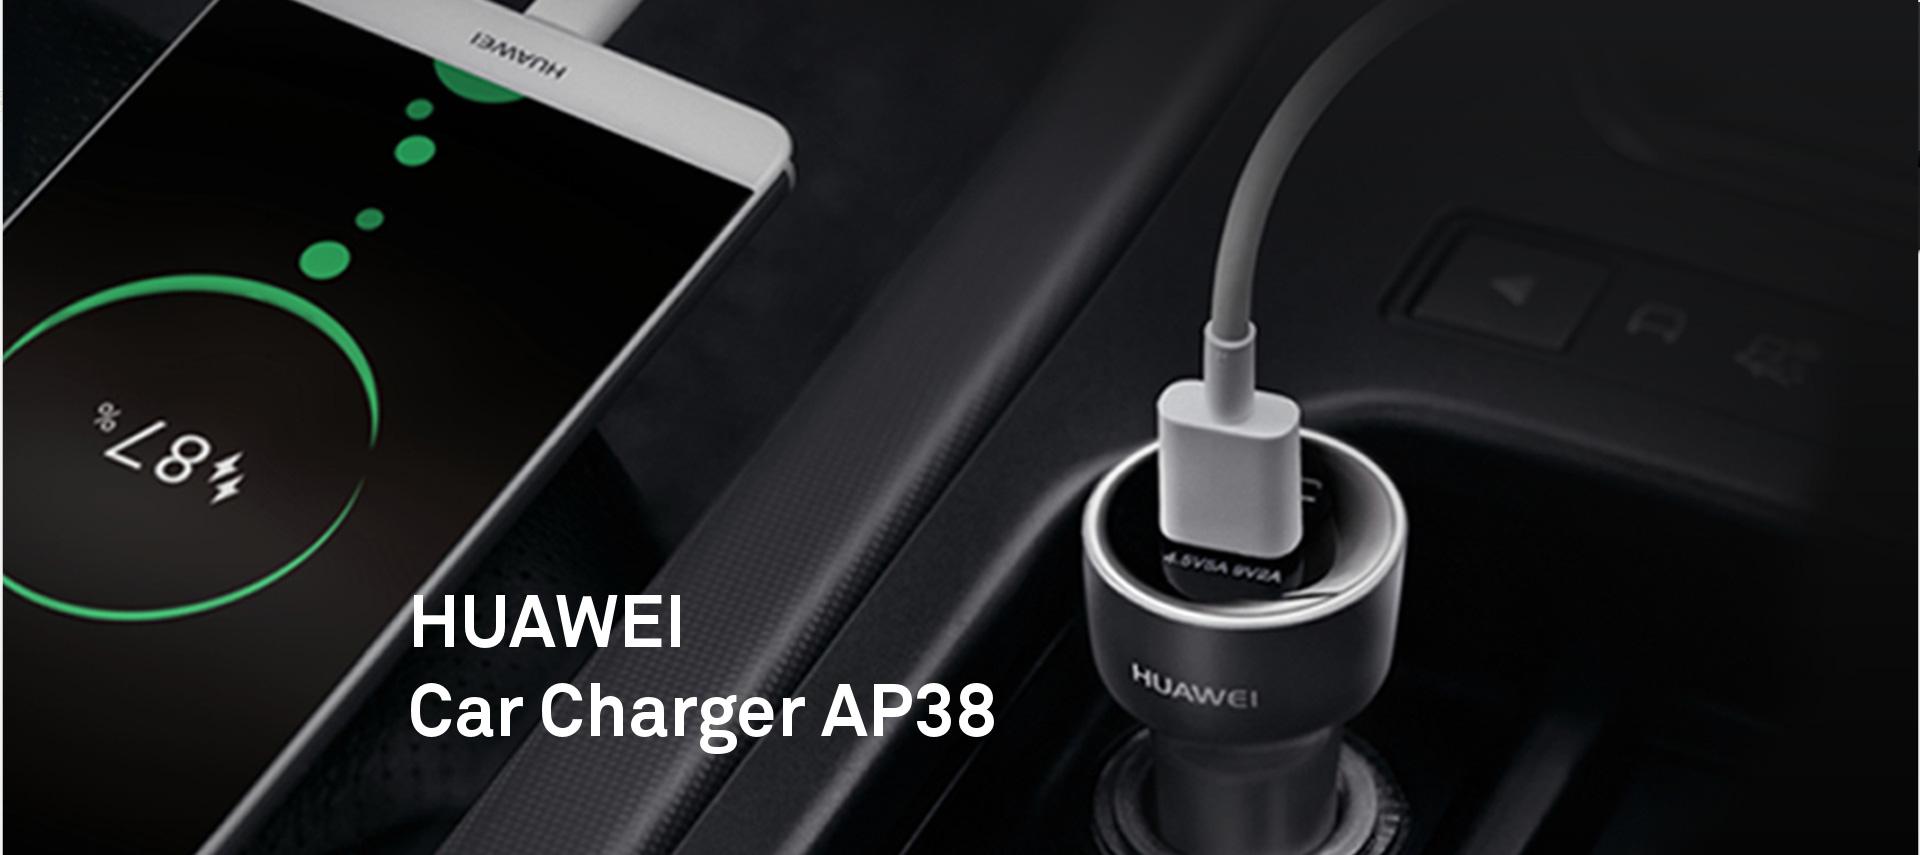 HUAWEI Car Charger AP38